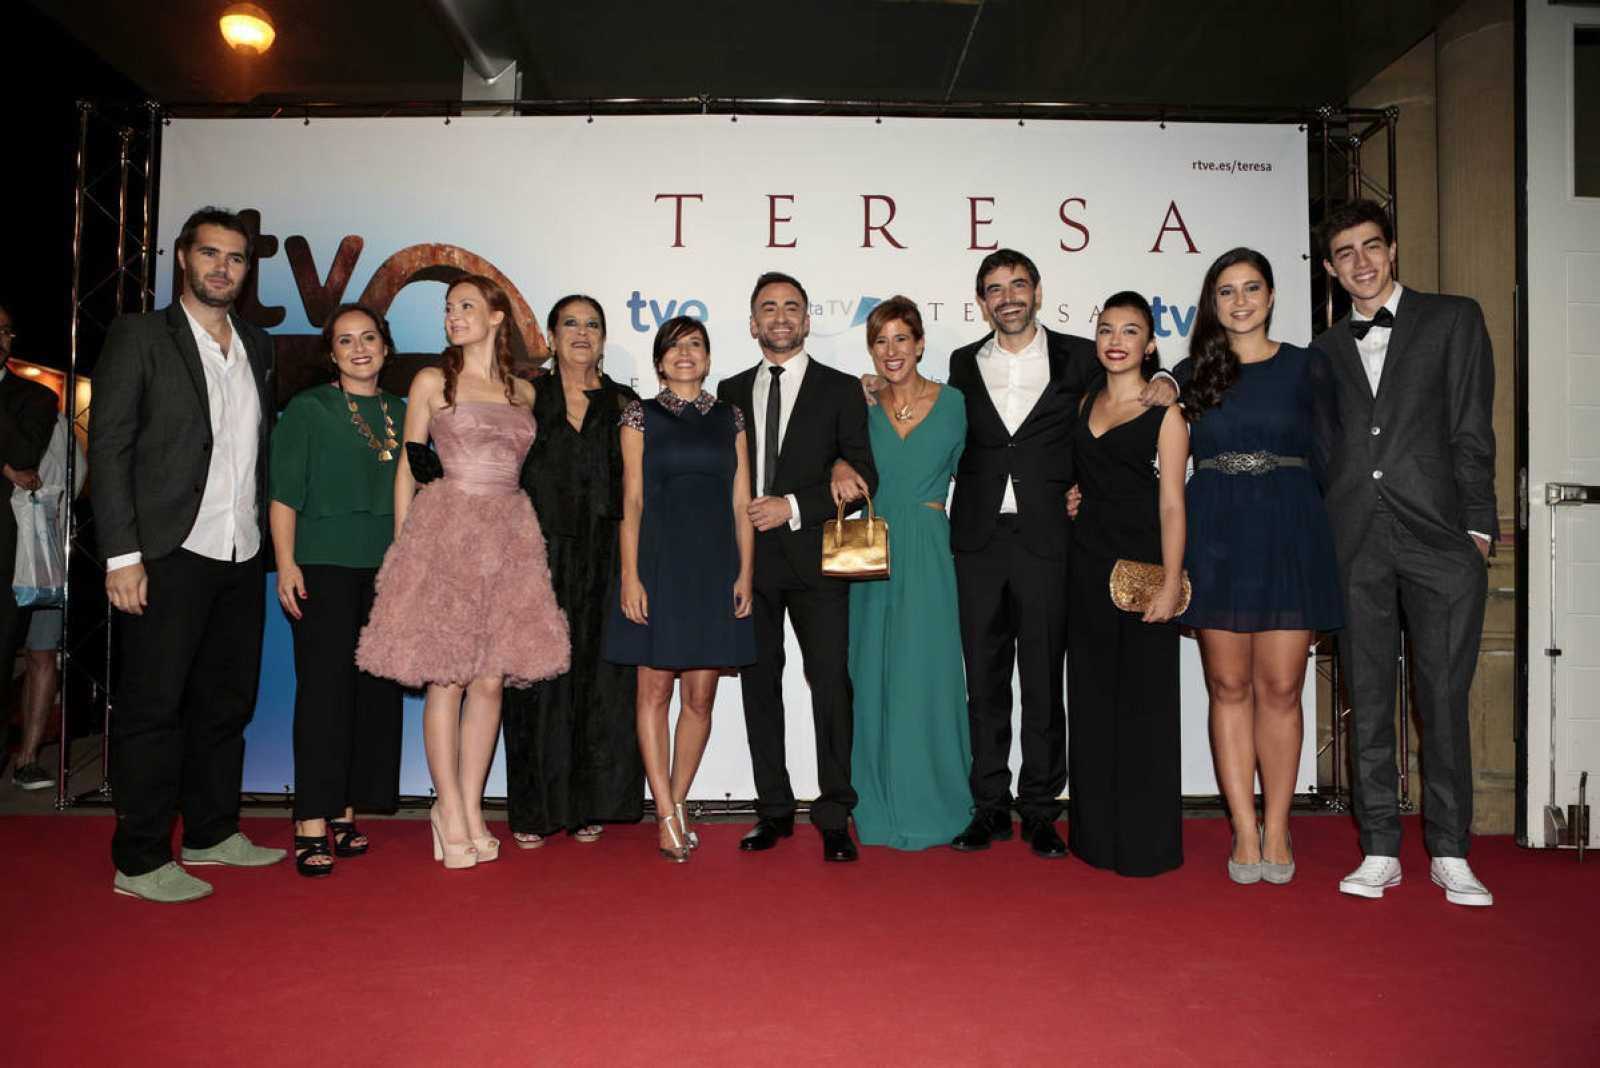 El reparto de 'Teresa', anoche en el Festival de San Sebastián / FOTOS MONTSE G. CASTILLO Y GARI GARAIALDE